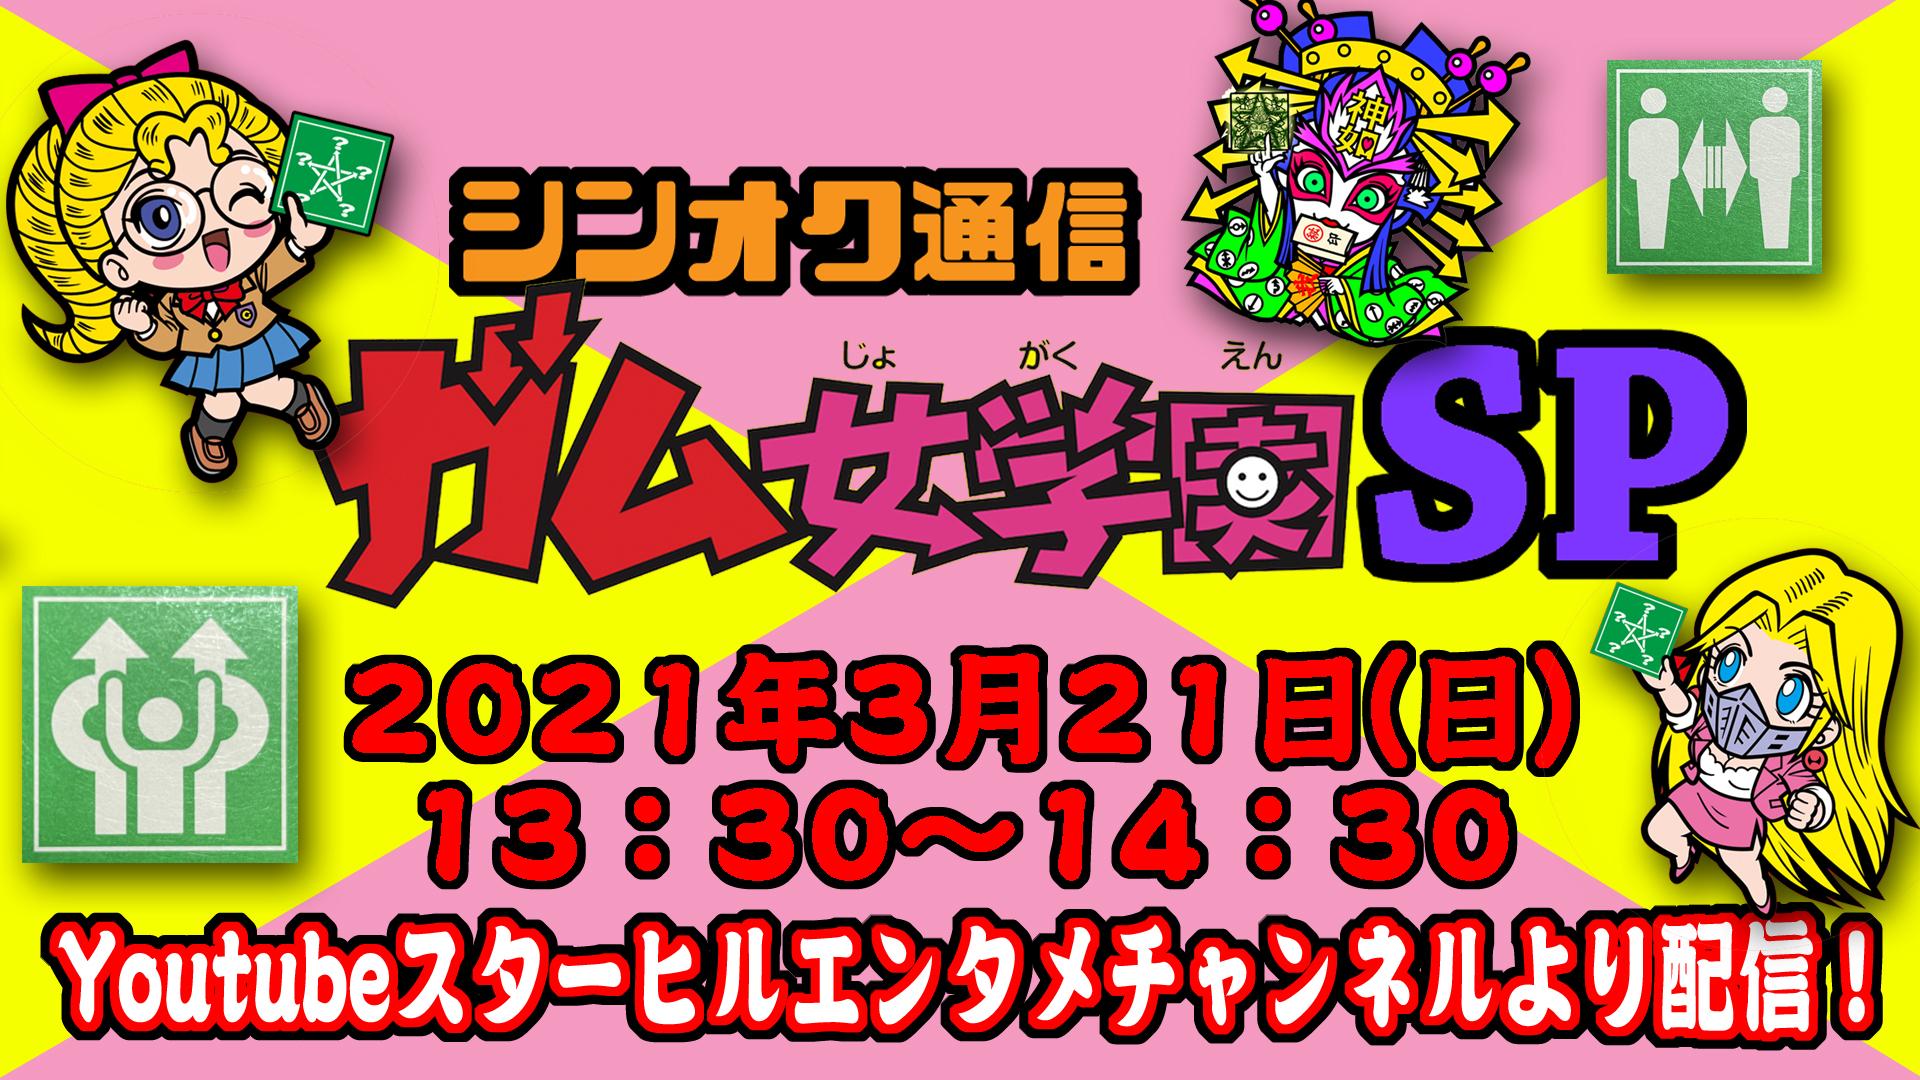 シンオク通信は、3/21(日)13:30よりツイッター生放送